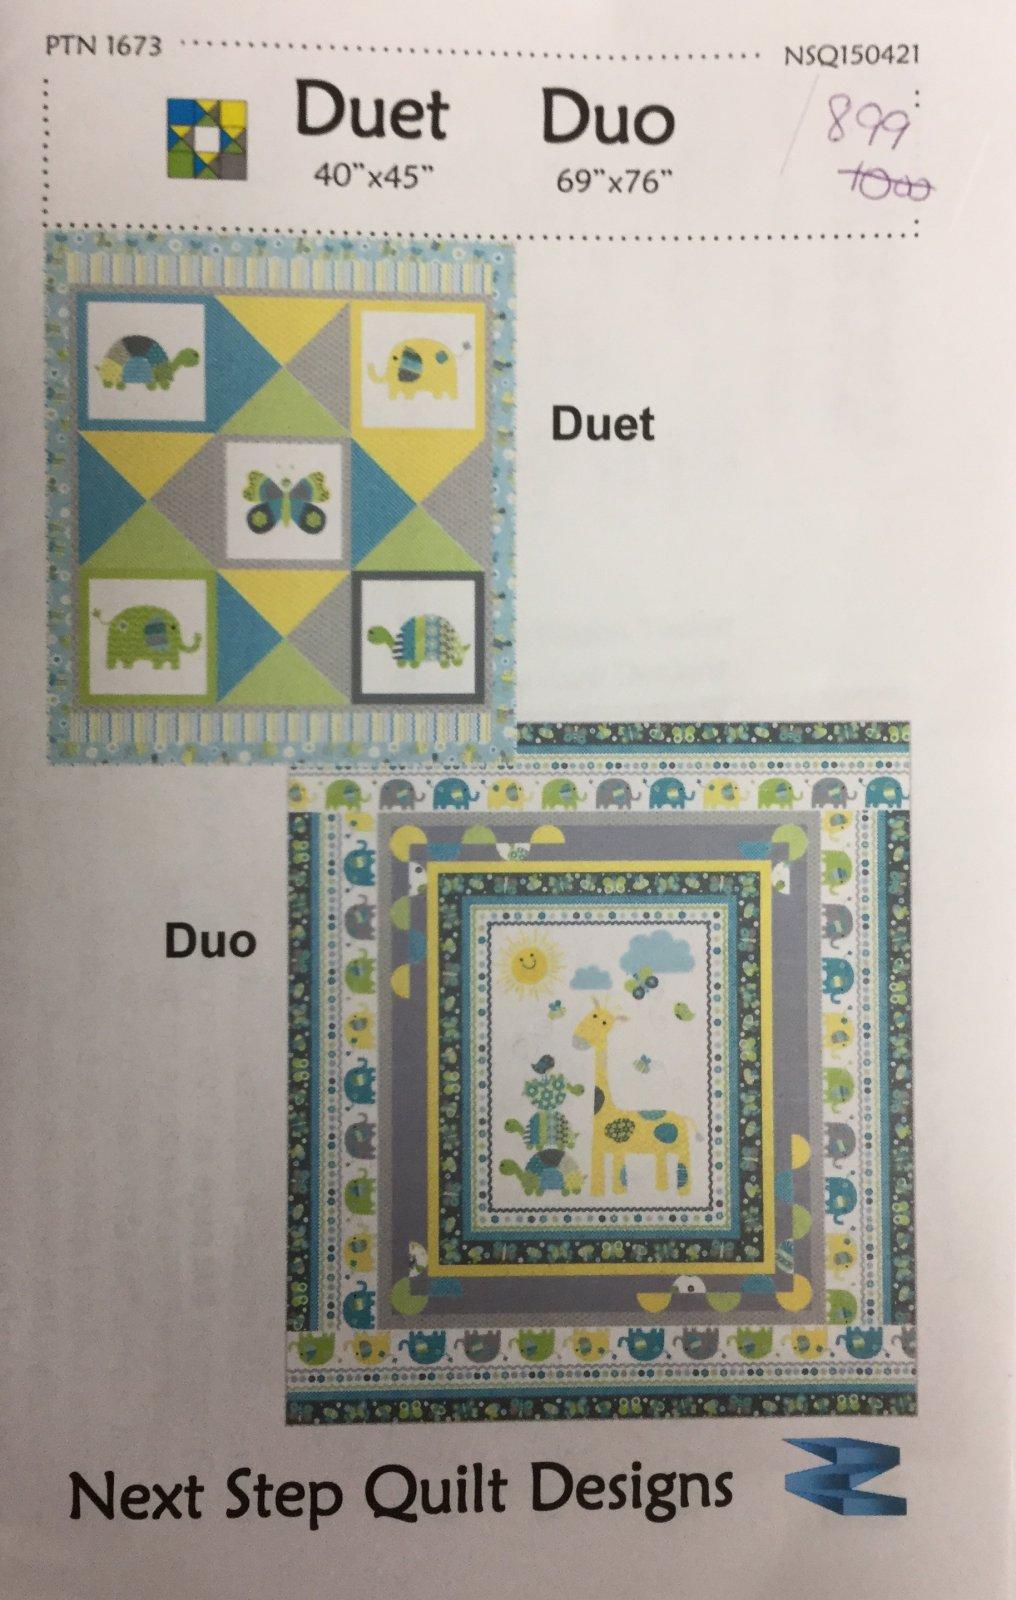 Duet & Duo Pattern PTN 1673